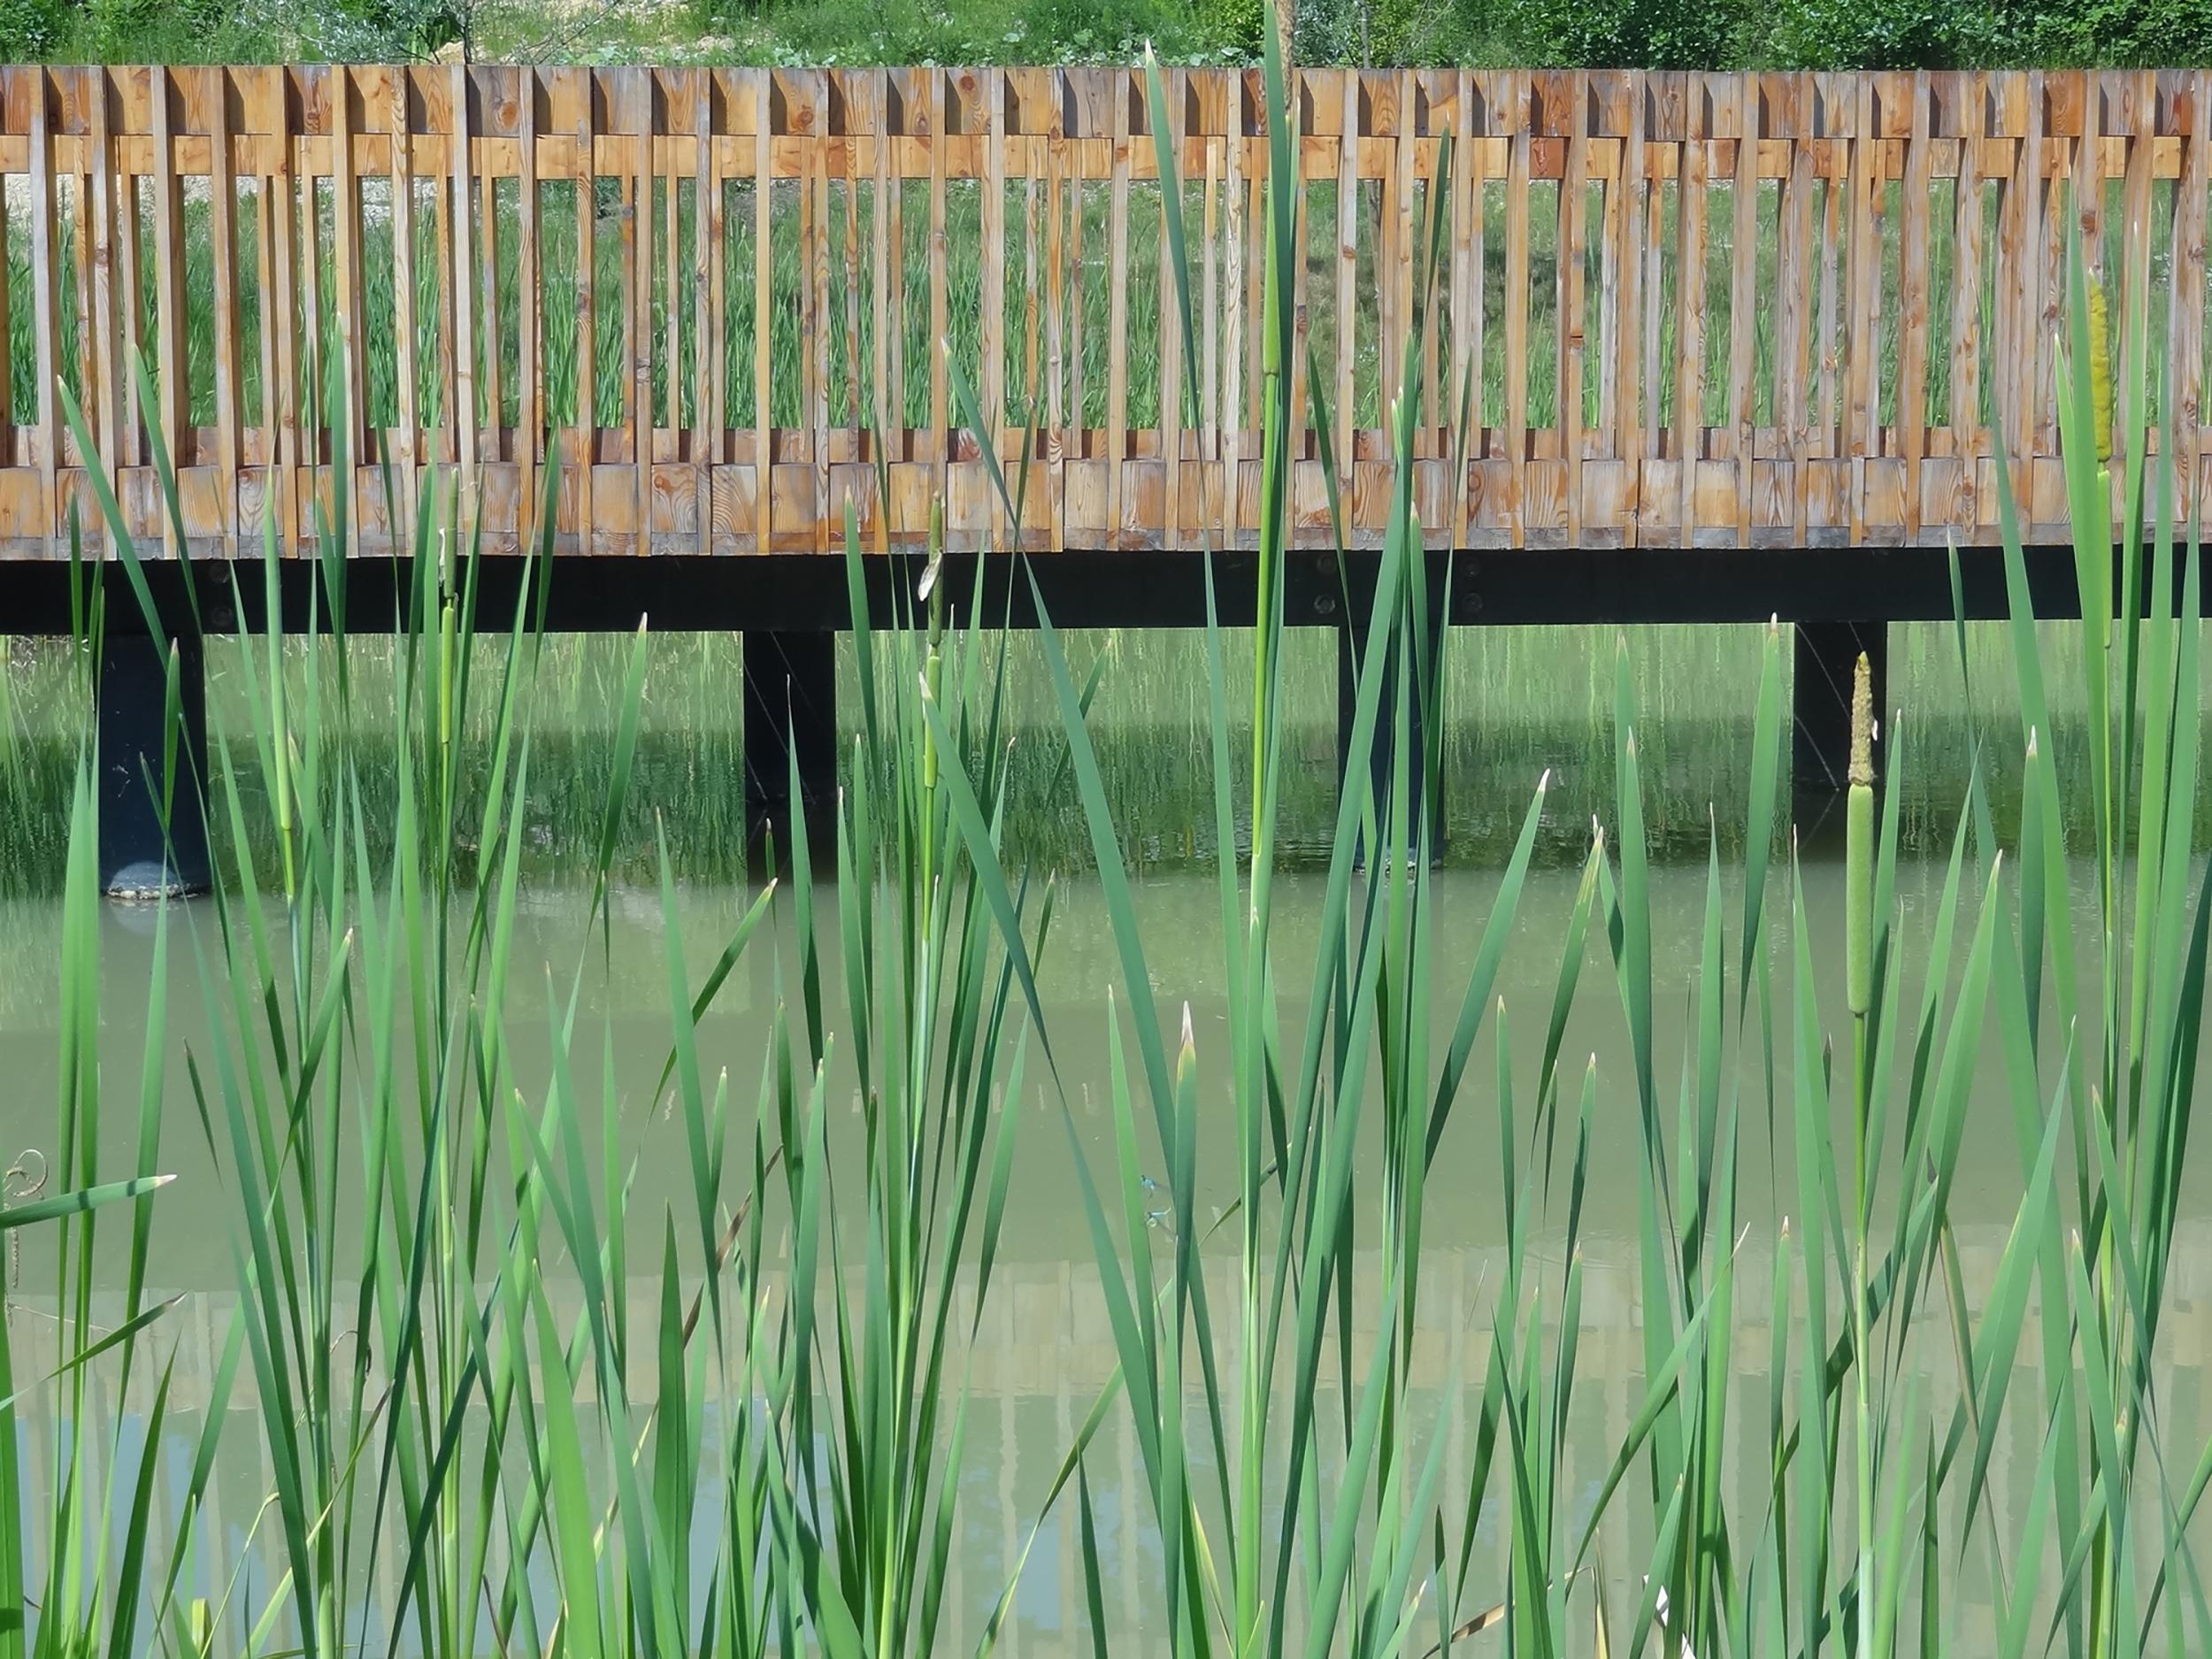 bruto soseska brdo ljubljana housing landscape bajer pond orchard sadovnjak